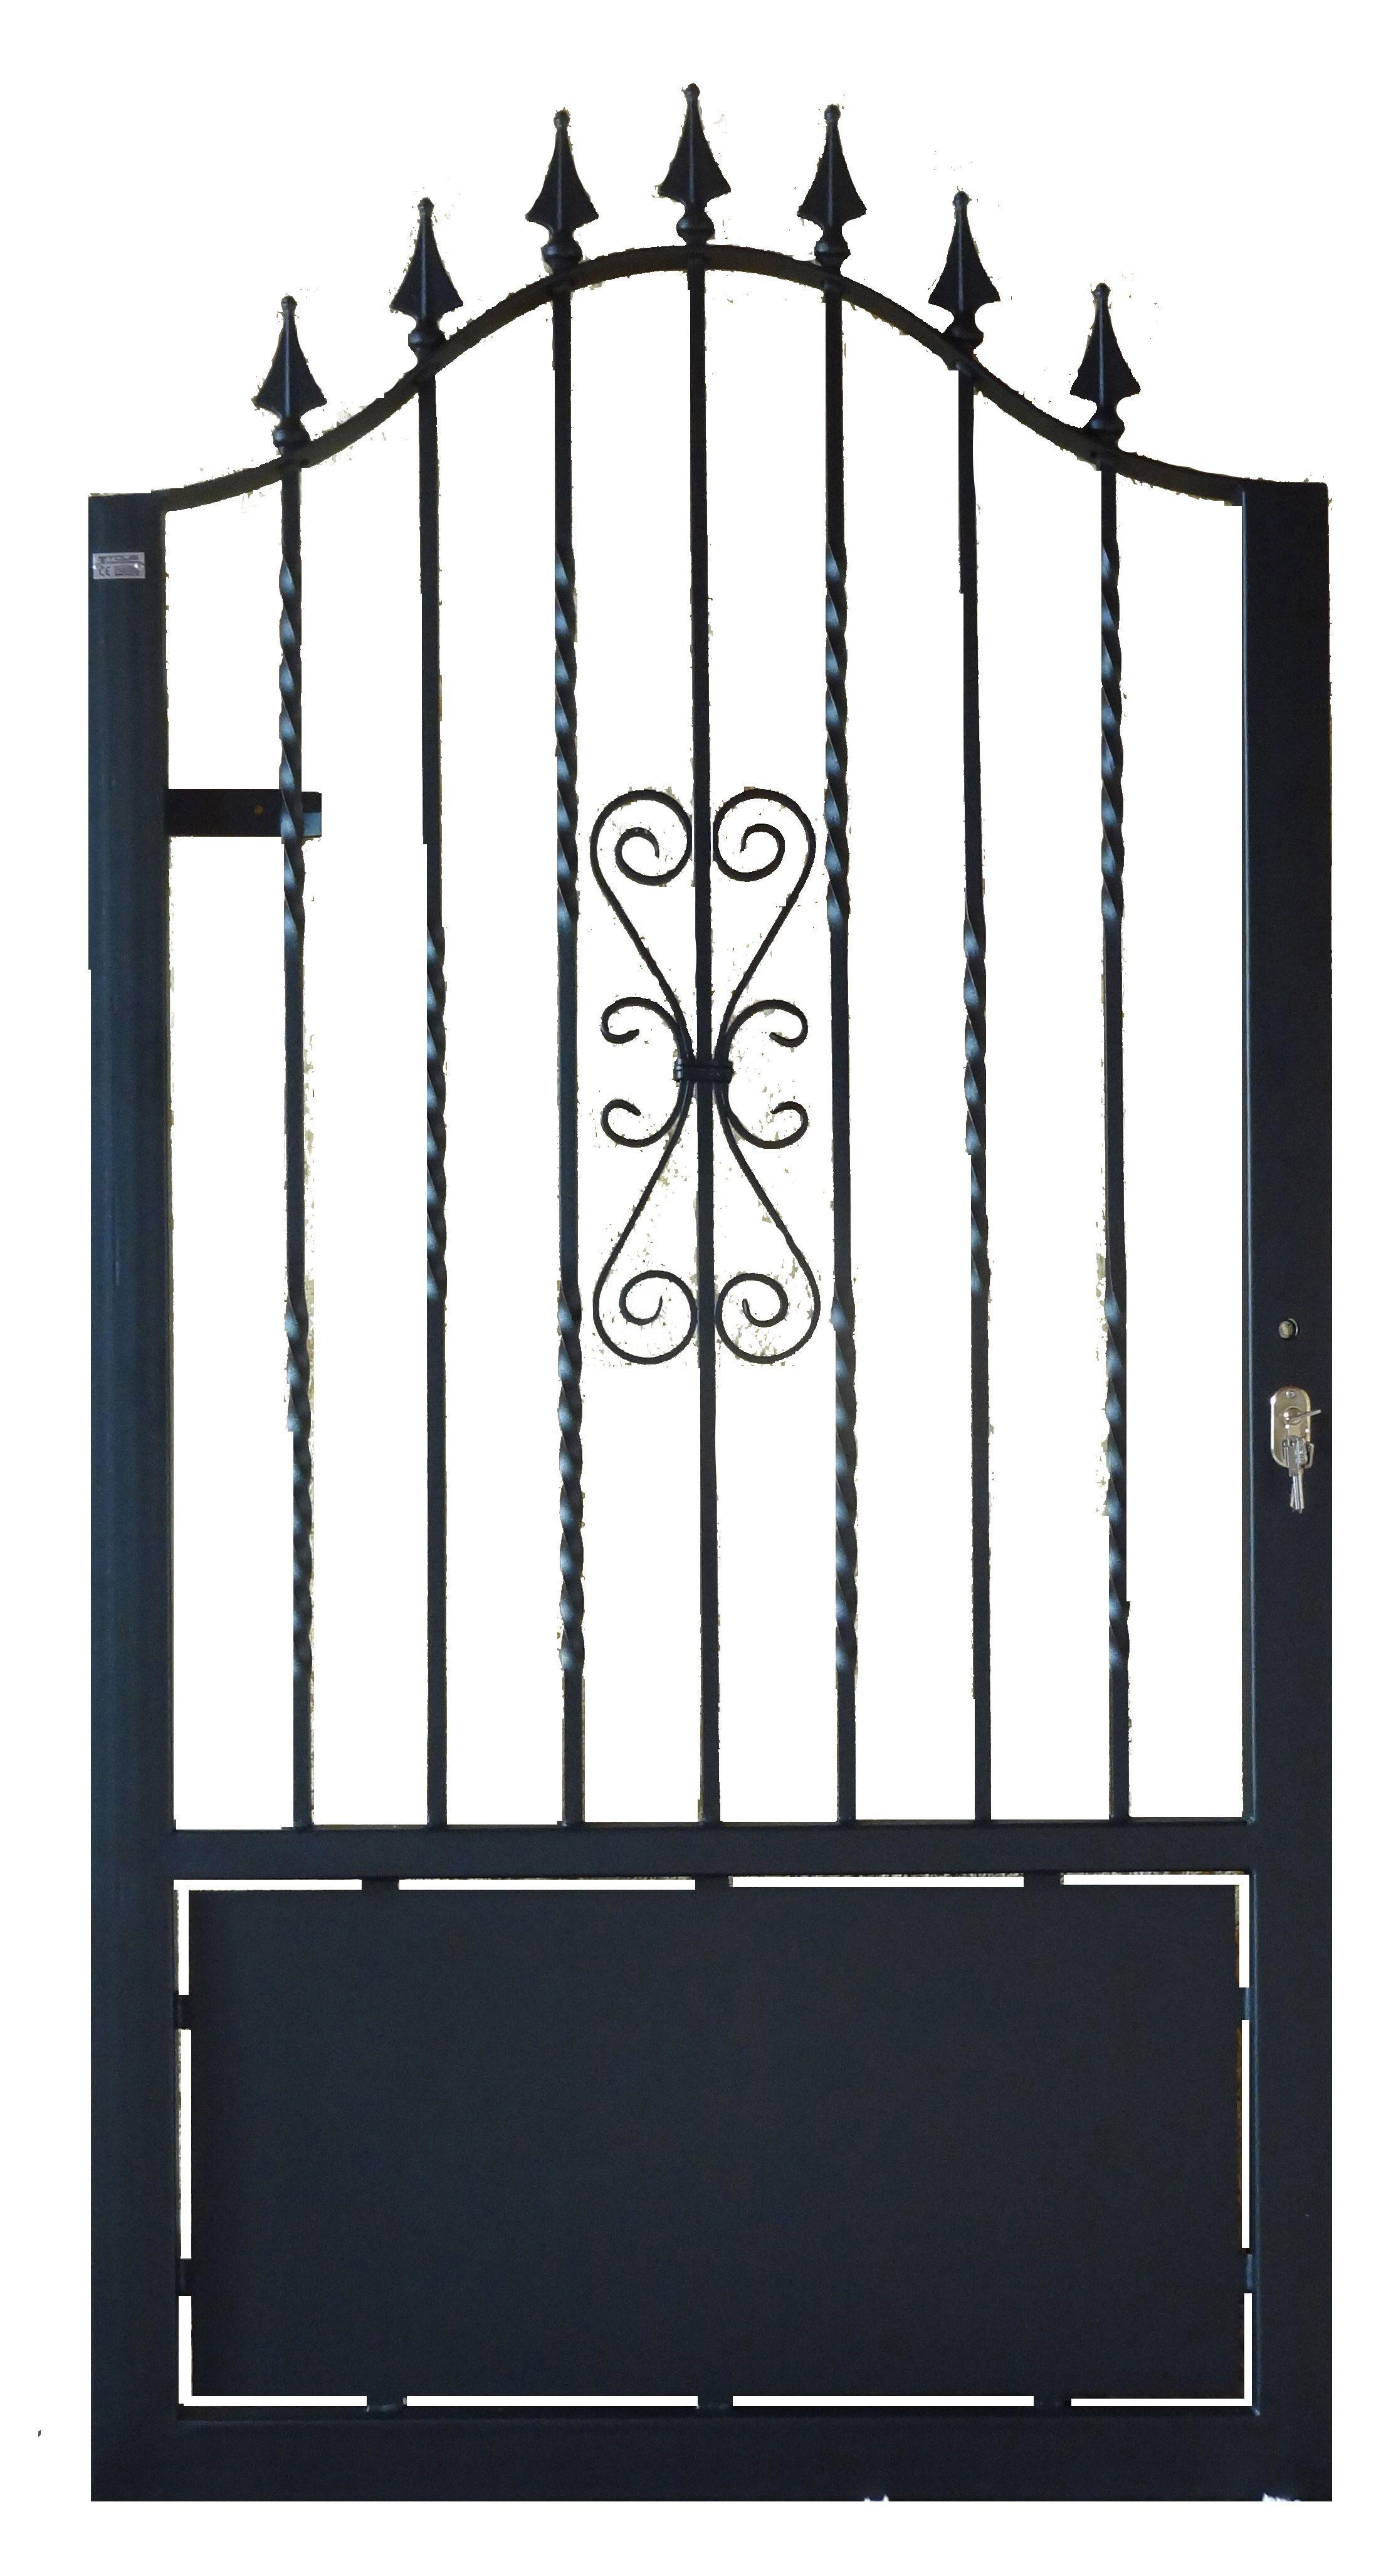 Compra productos de puertas de jard n online en hierros tous tous rejas y m s puertas - Puertas de hierro para jardin ...